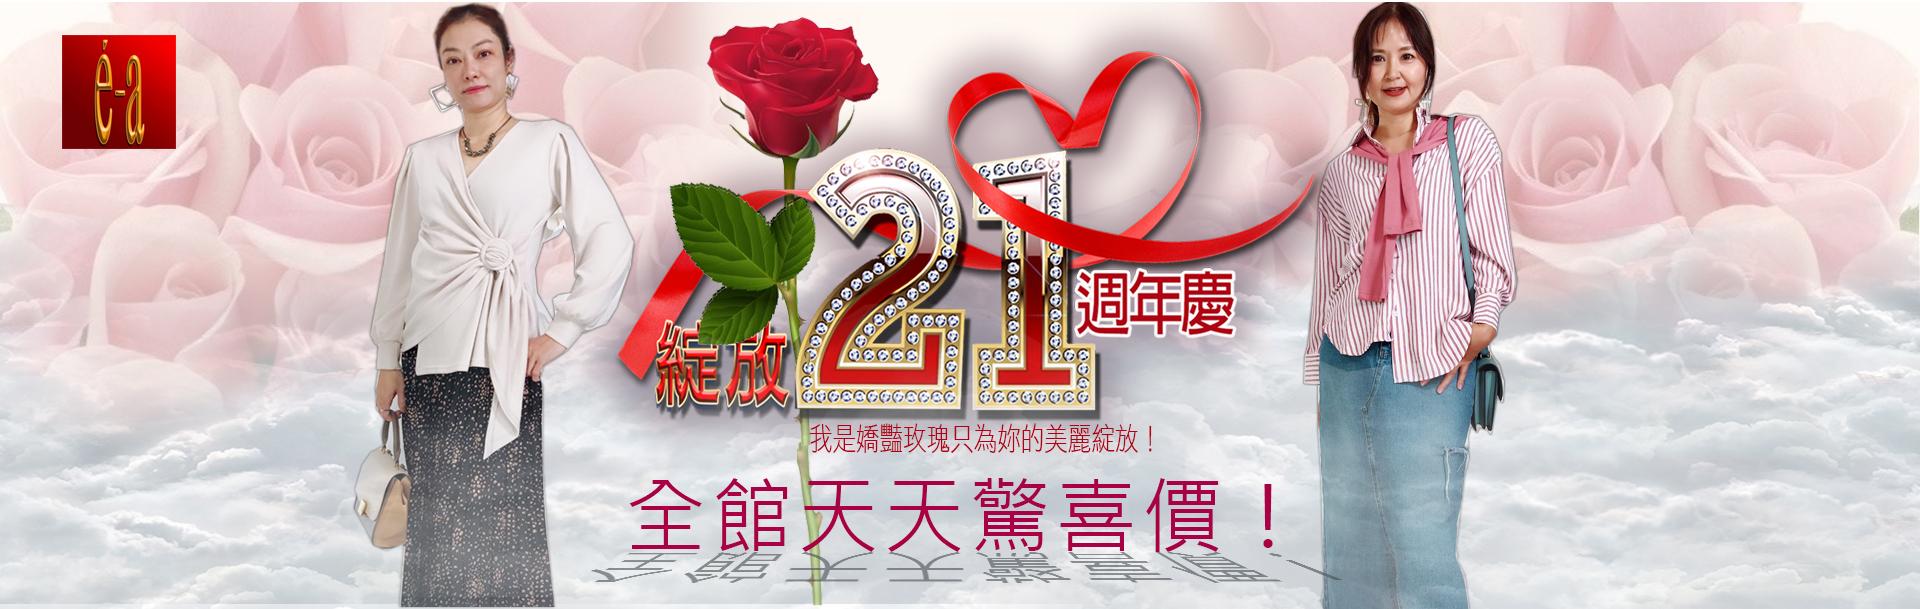 ea綻放21周年慶活動